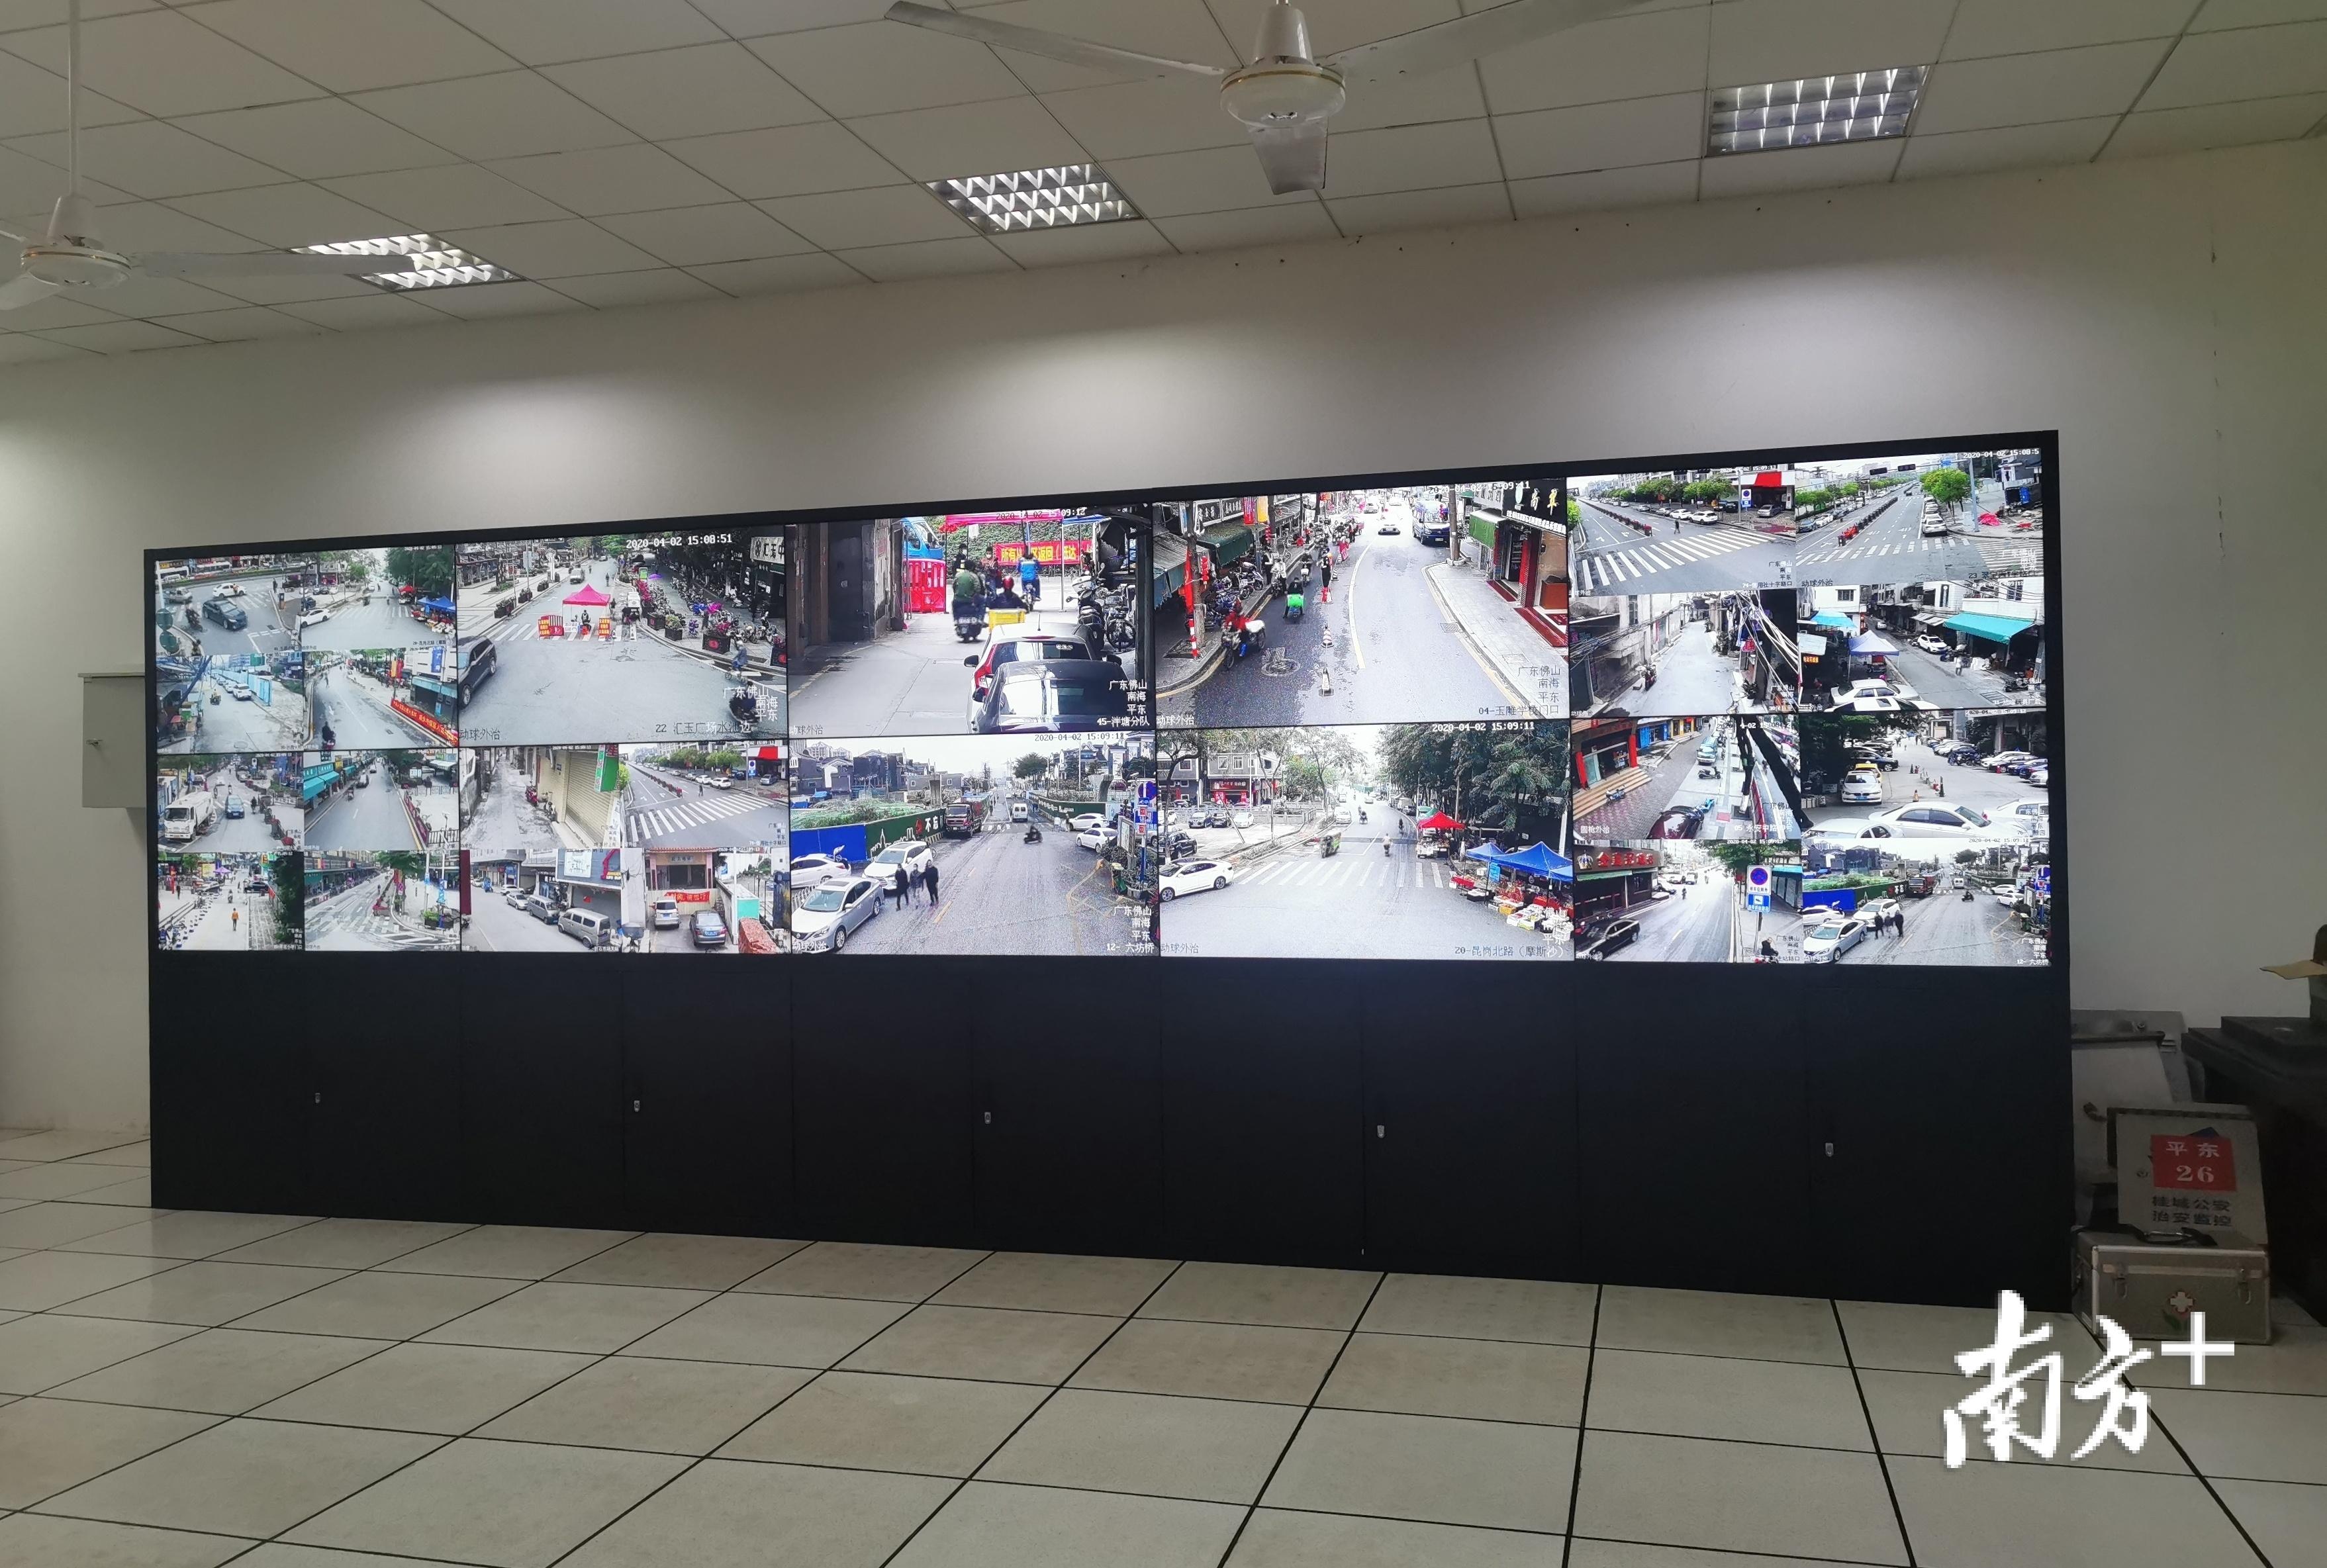 桂城平东社区试点启动建设城乡融合大数据治理平台。肖霞 摄